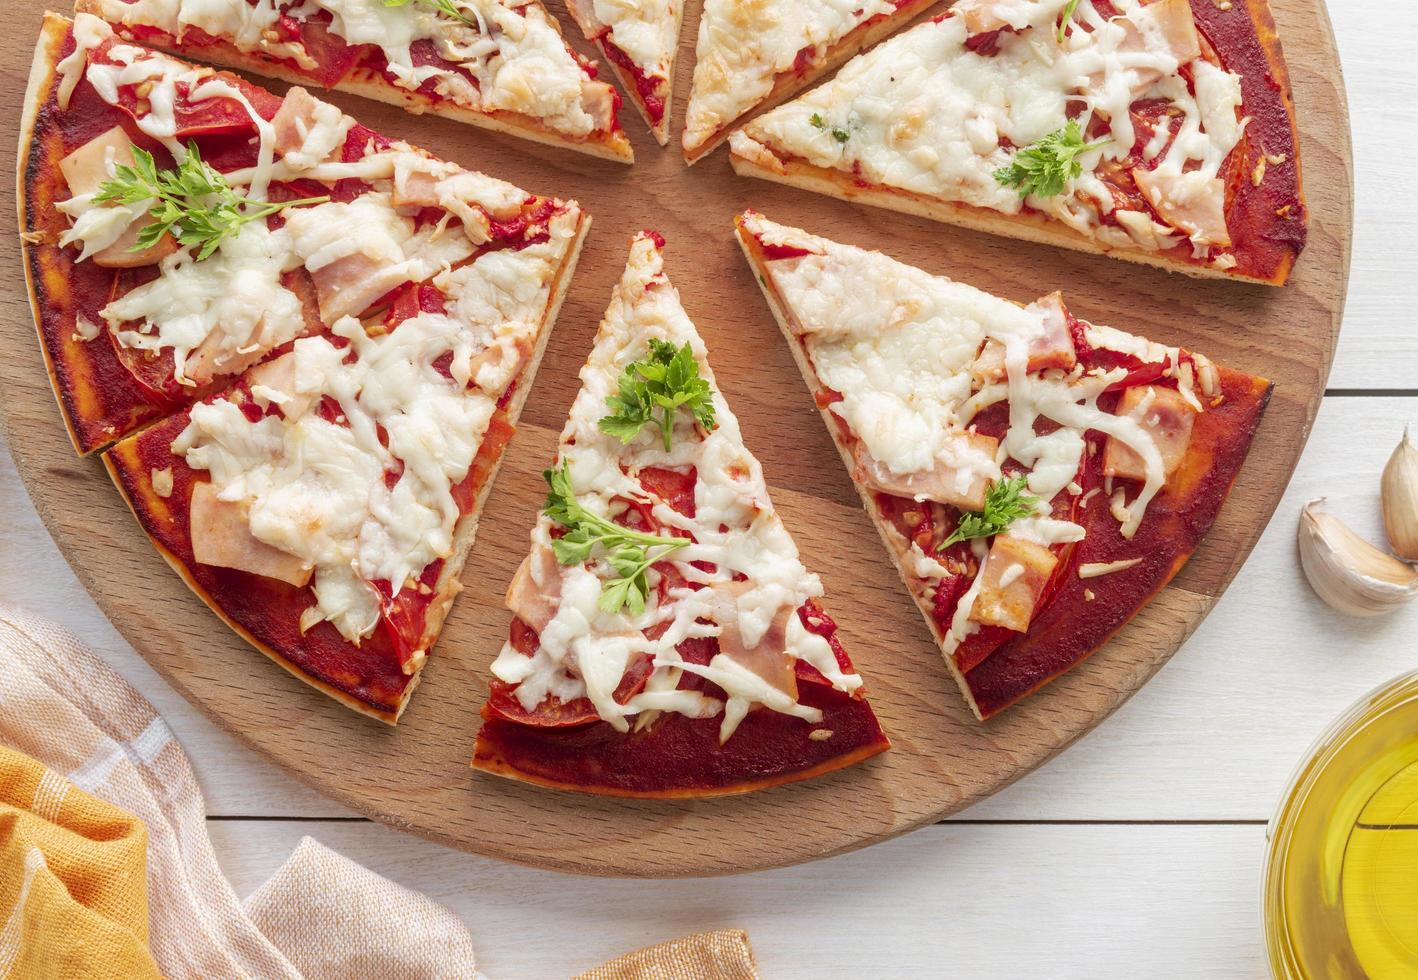 geschnittene Pizza hausgemacht foto